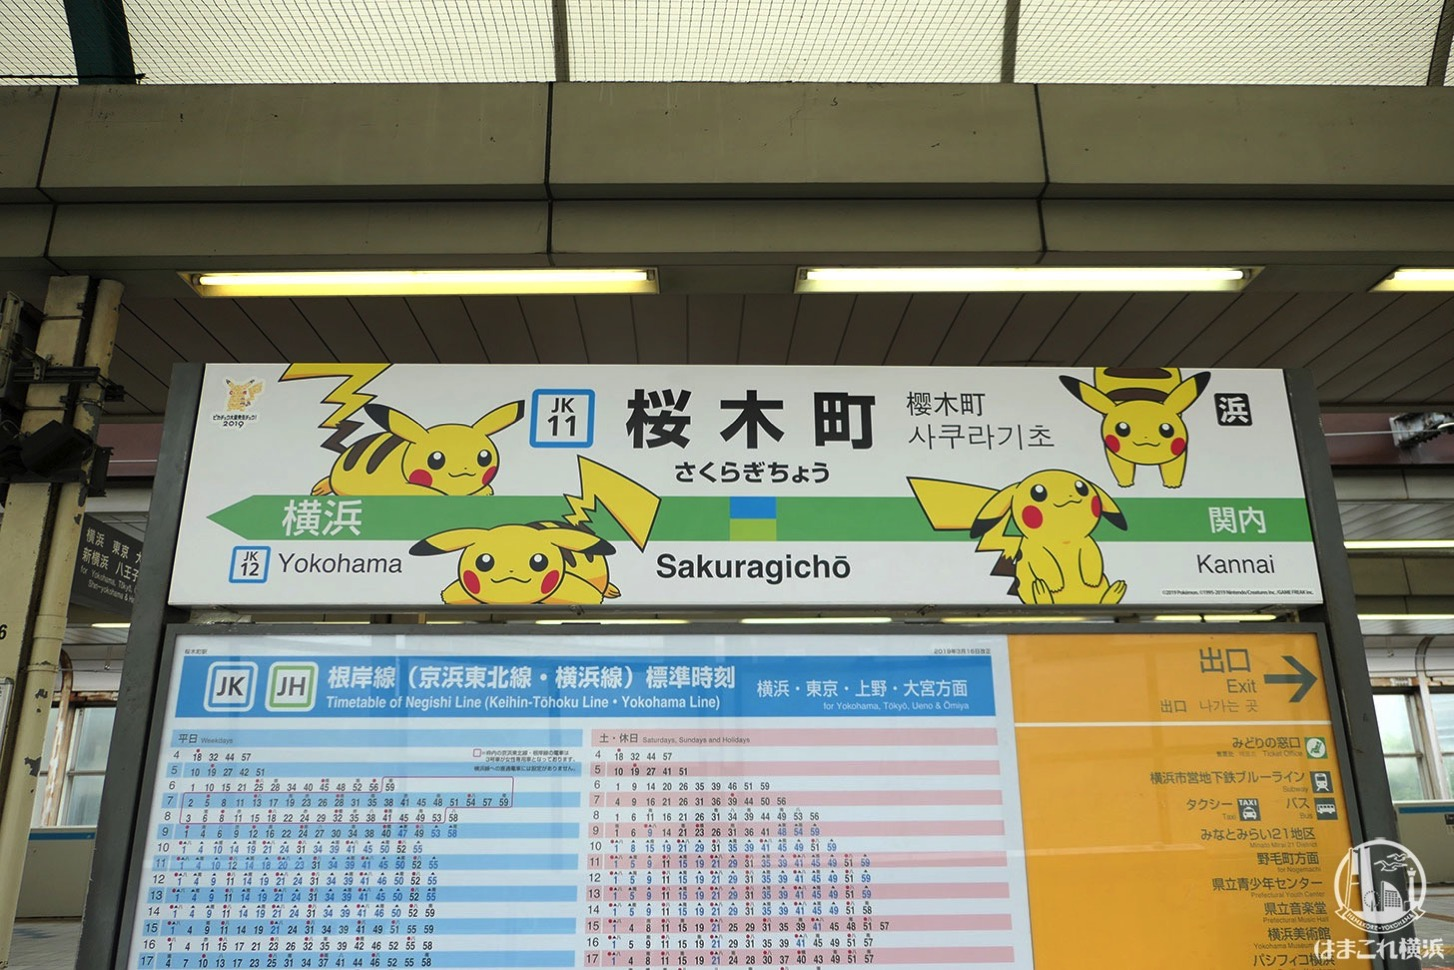 桜木町駅のピカチュウ装飾 上りホーム